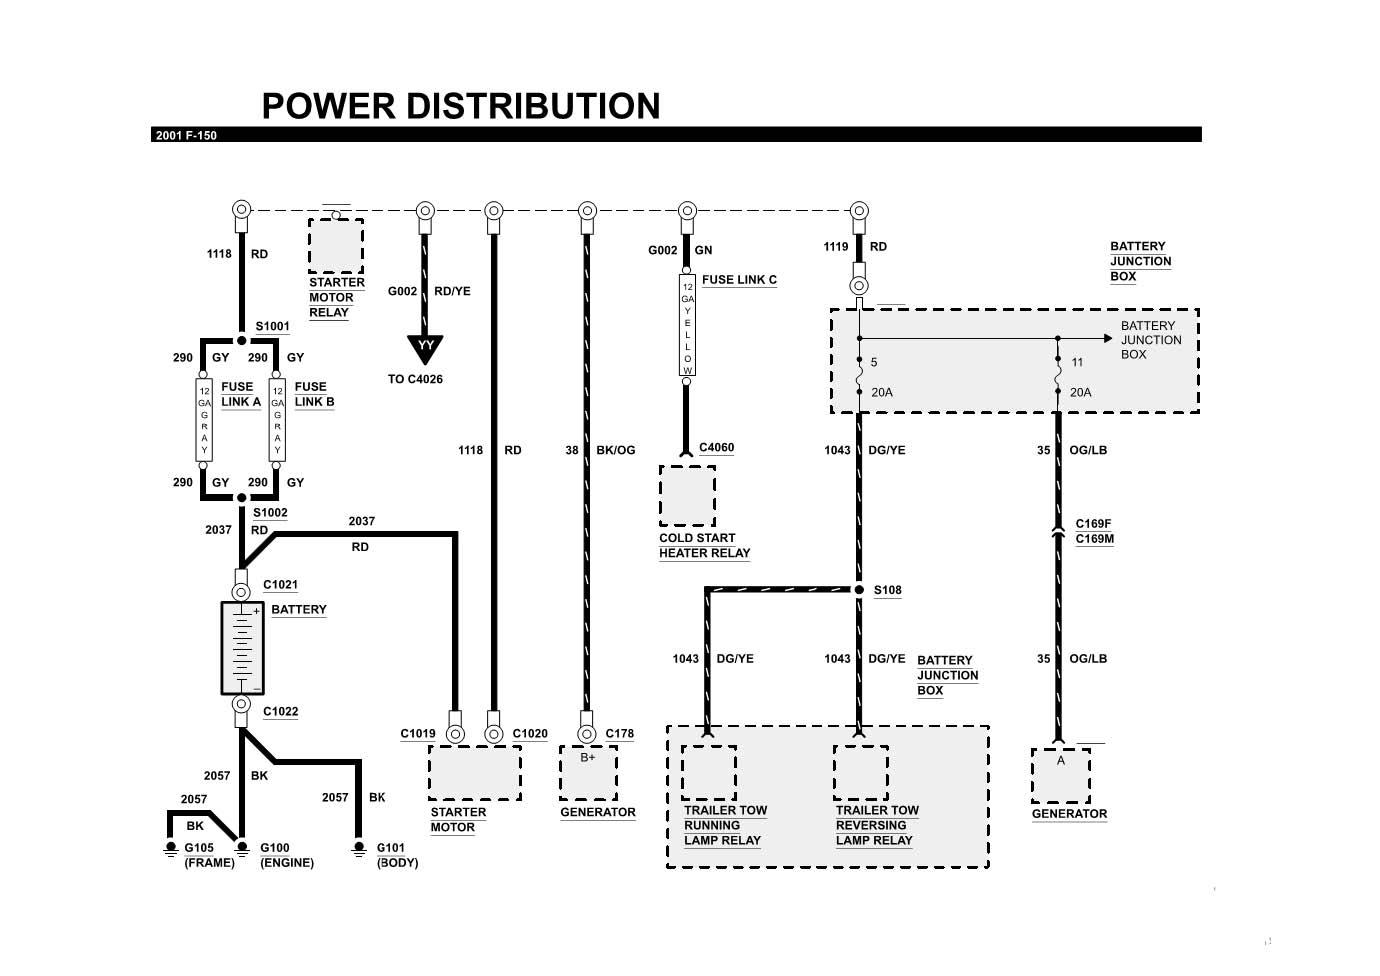 2001 ford f150 fuel pump wiring diagram oJRcYQz?w=2000 1999 ford contour stereo wiring ford contour radio wiring diagram